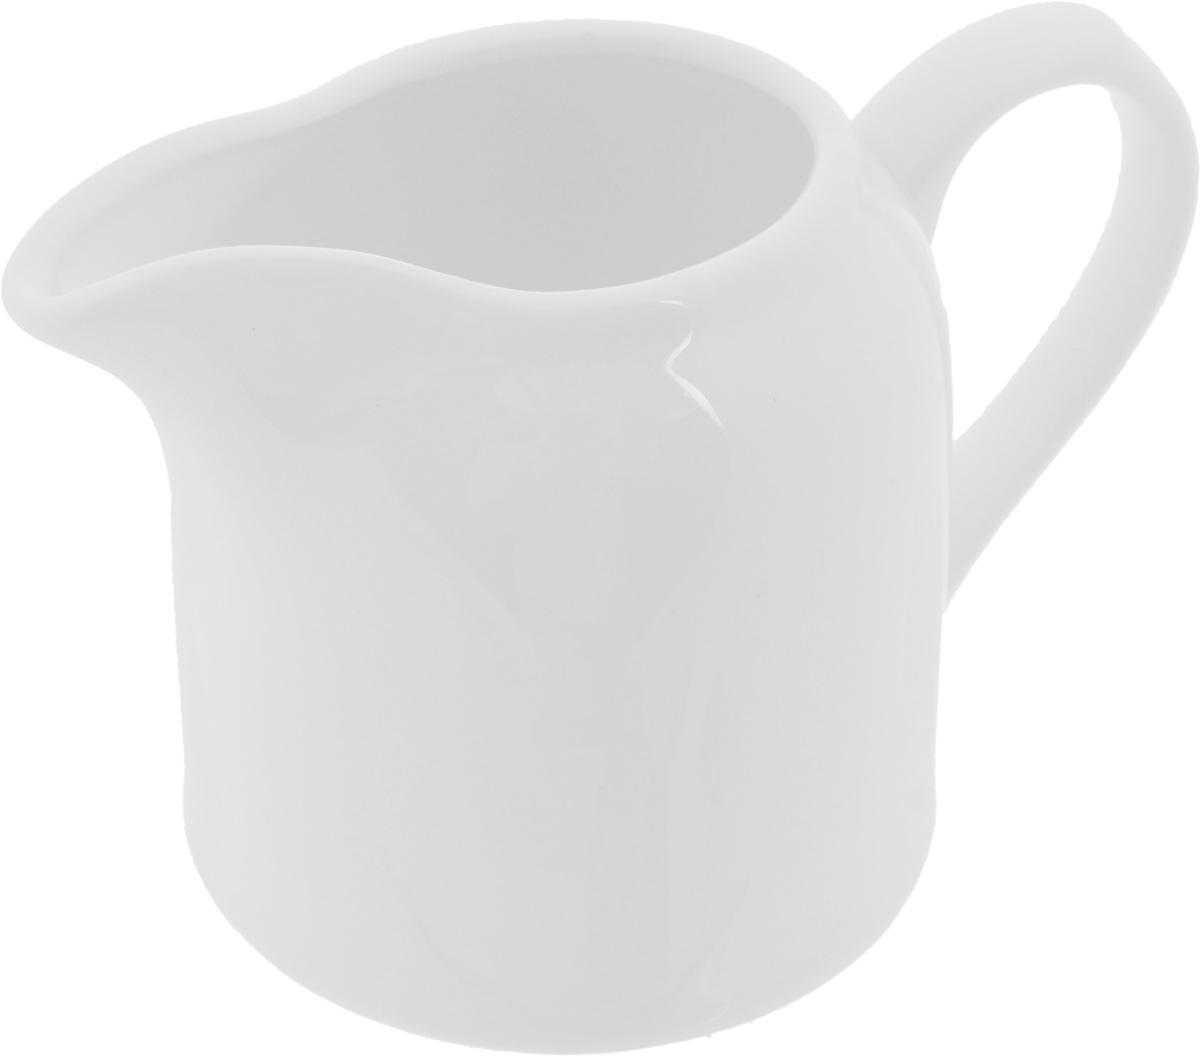 Молочник Wilmax, 250 млWL-995018 / 1CЭлегантный молочник Wilmax выполнен из высококачественного фарфора с глазурованным покрытием. Молочник имеет широкое основание, удобную ручку и носик. Предназначен для сливок и молока. Такое изделие украсит ваш праздничный или обеденный стол, а нежное исполнение понравится любой хозяйке. Можно мыть в посудомоечной машине и использовать в микроволновой печи. Диаметр молочника по верхнему краю: 4,5 см. Диаметр основания: 7,5 см. Высота салатника: 8 см.